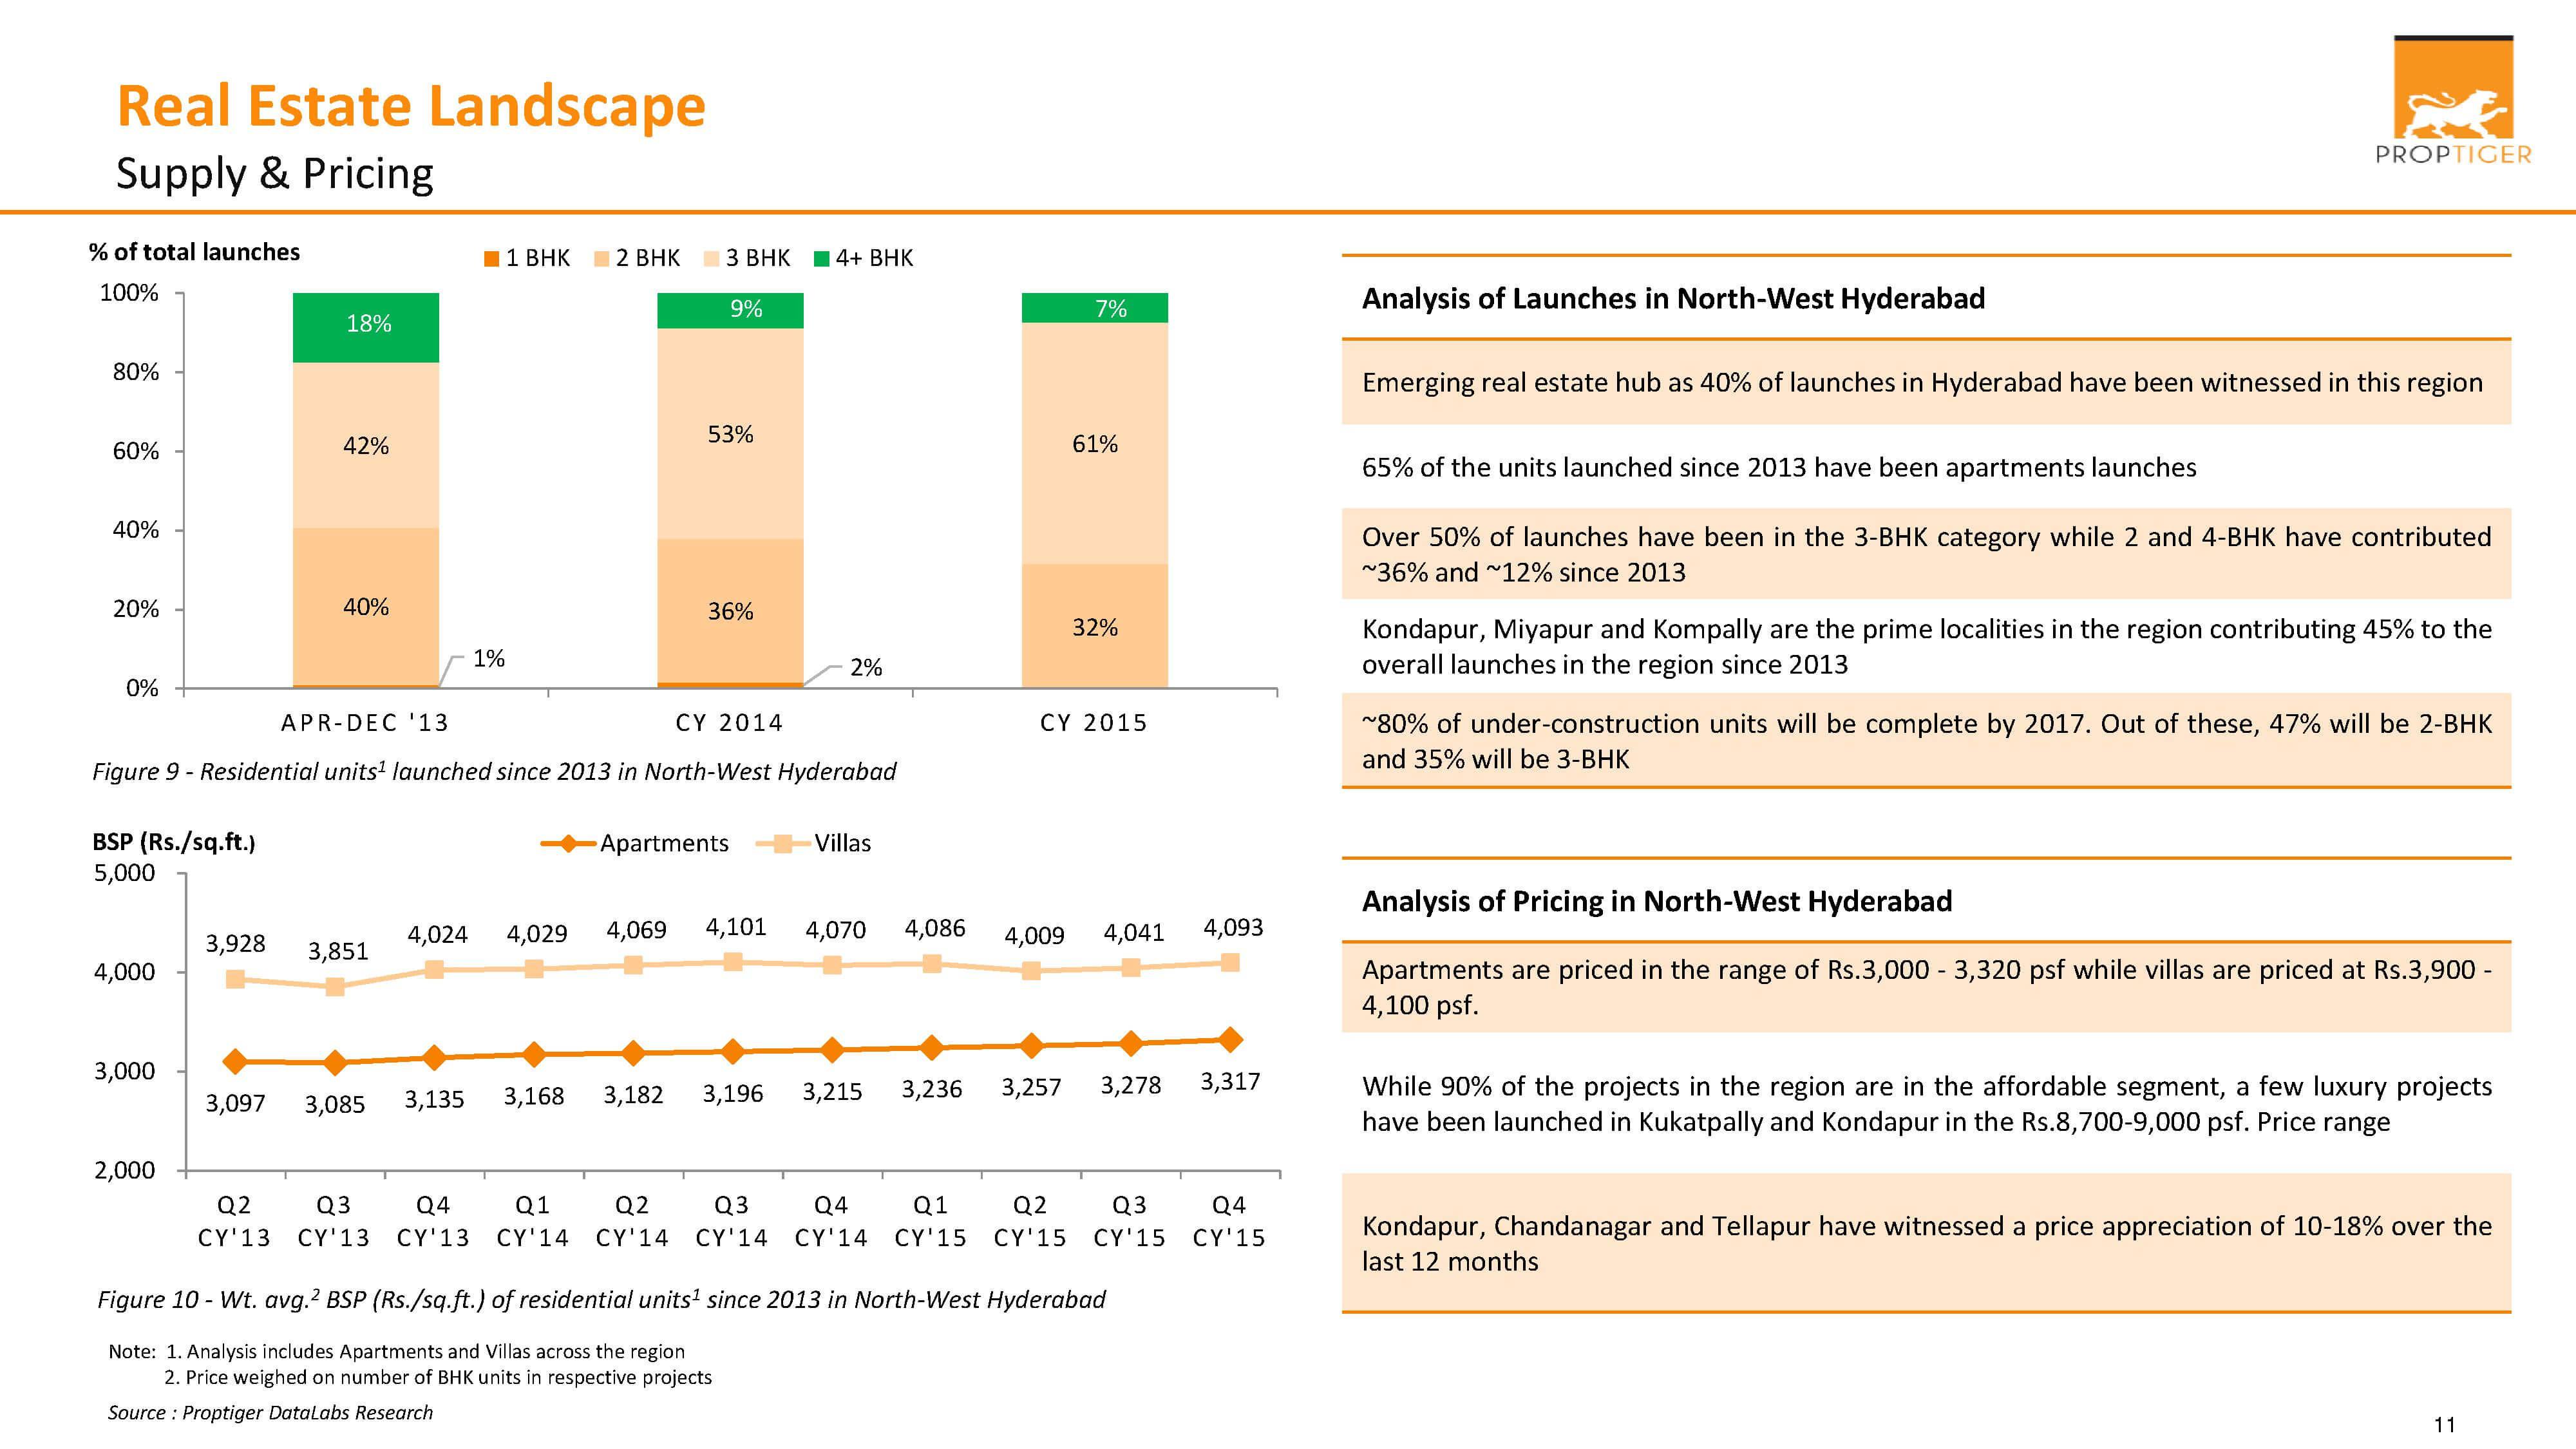 Real Estate Landscape - Supply & Pricing